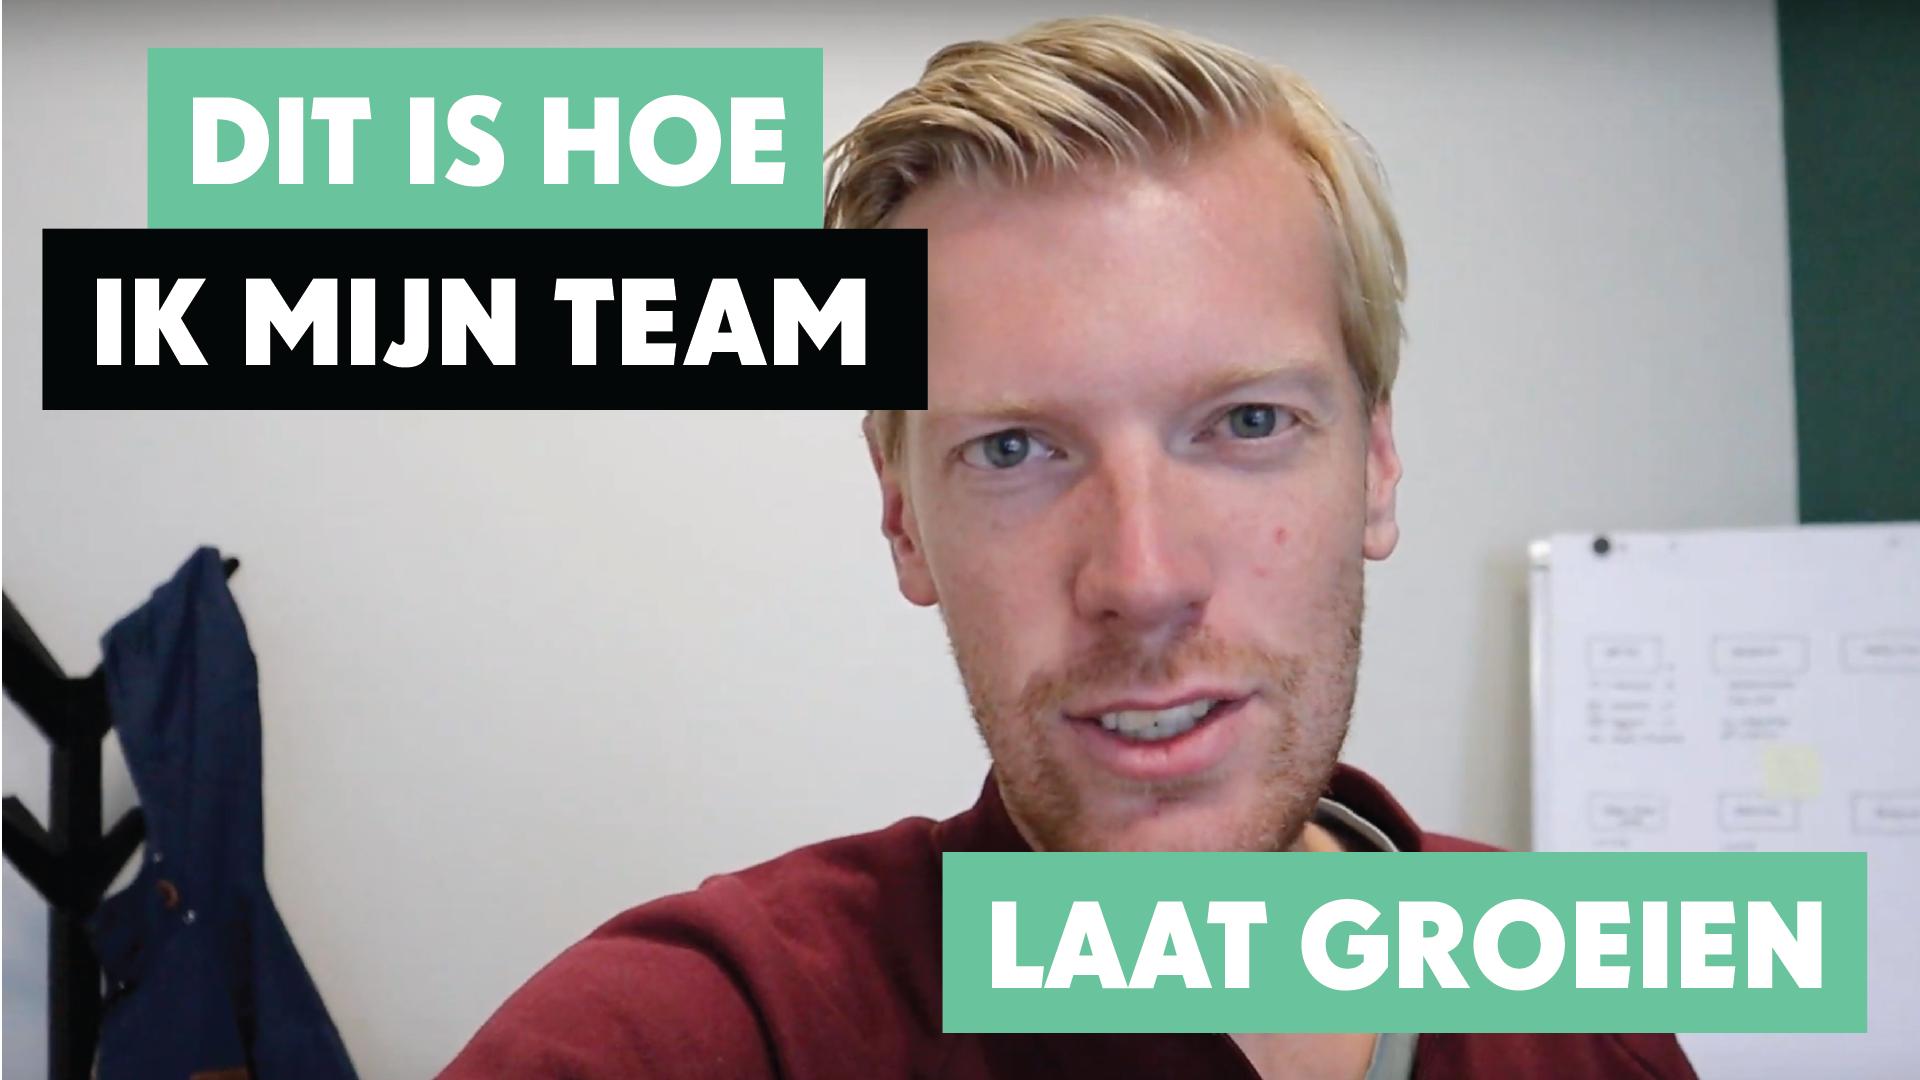 Dit is hoe ik mijn team laat groeien